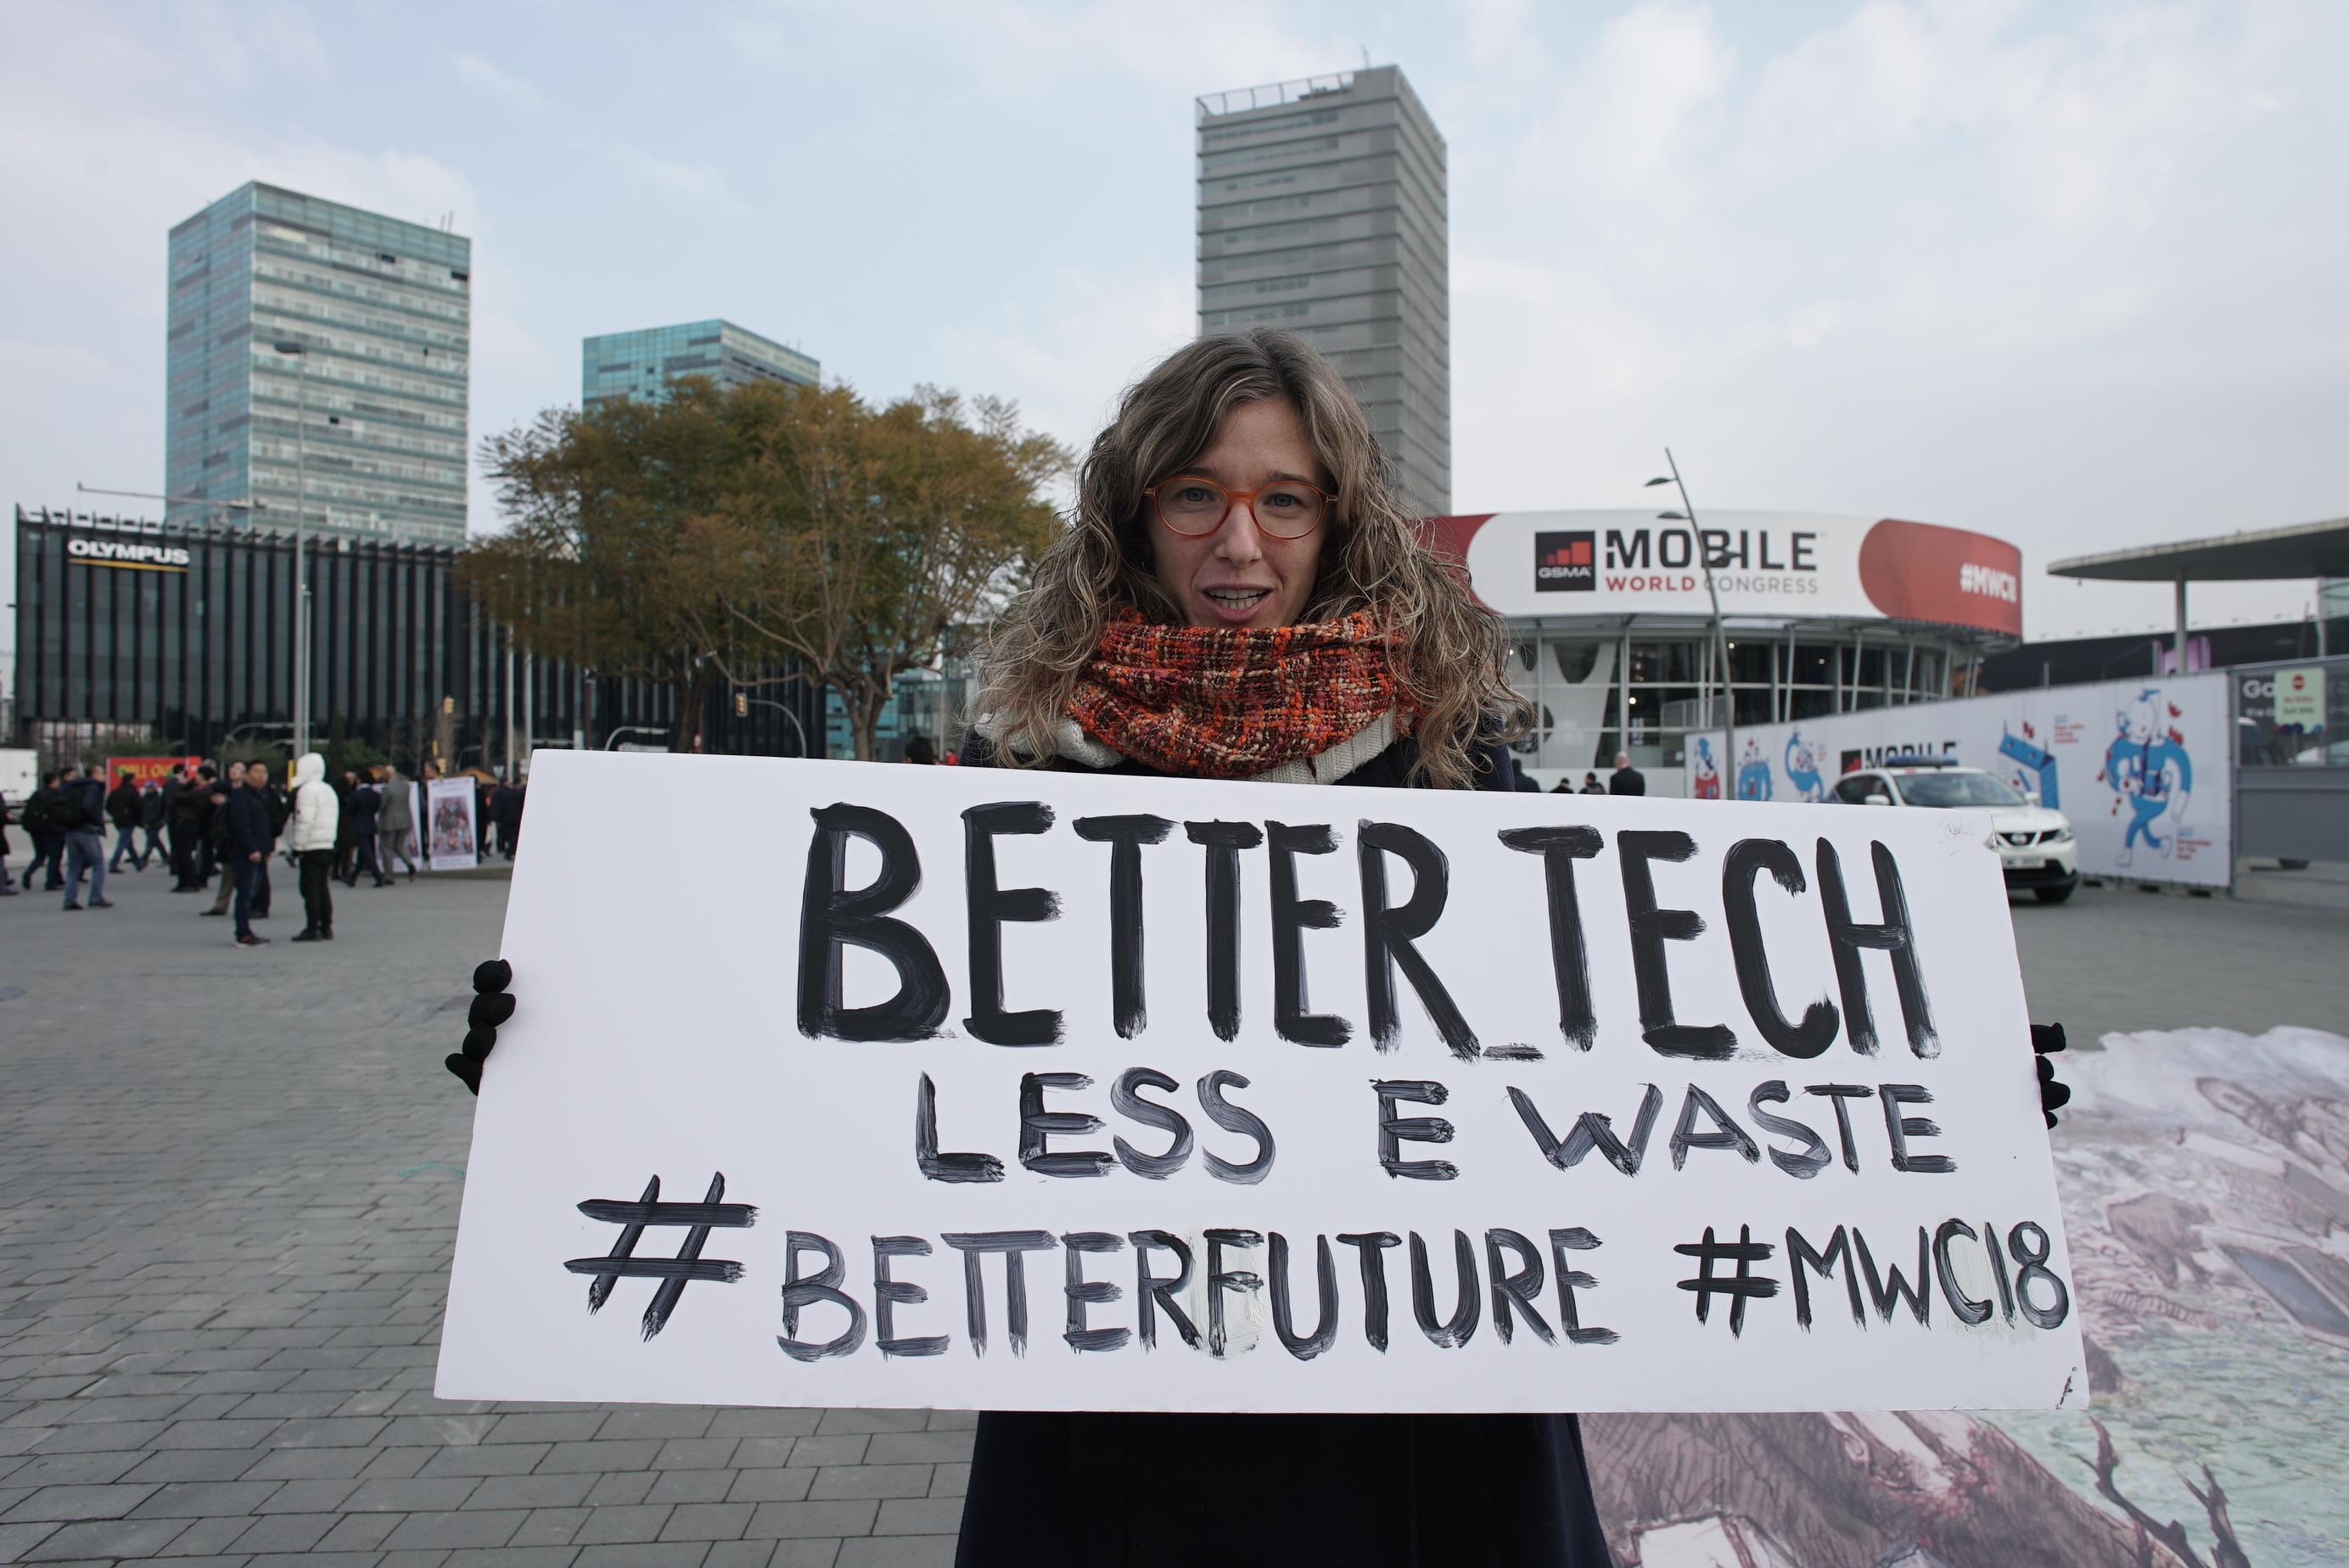 Better tech, less ewaste